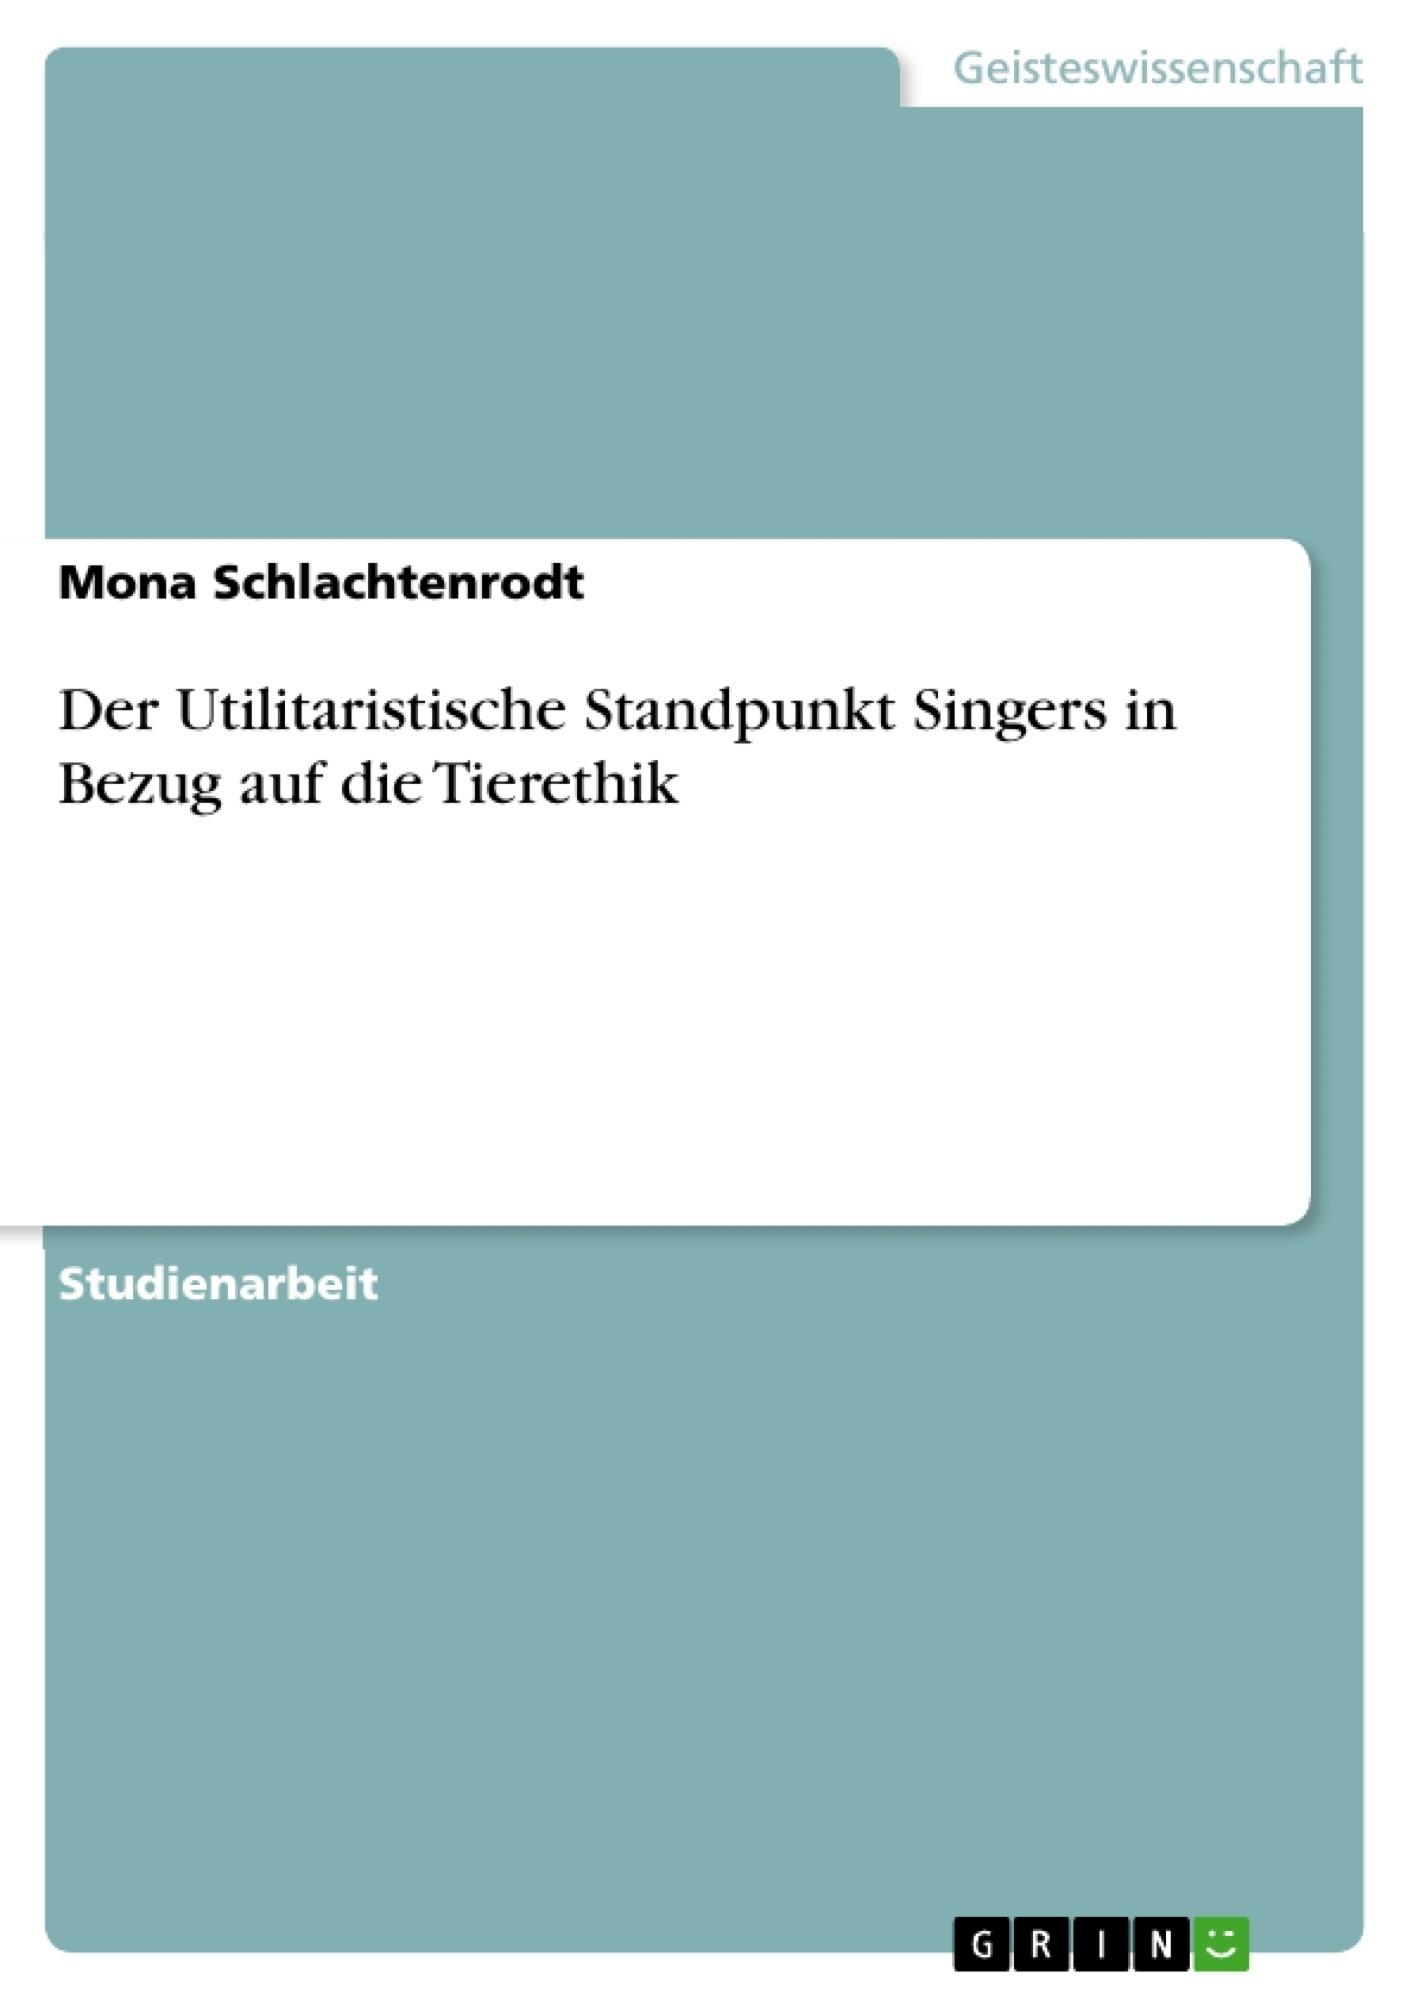 Titel: Der Utilitaristische Standpunkt Singers in Bezug auf die Tierethik